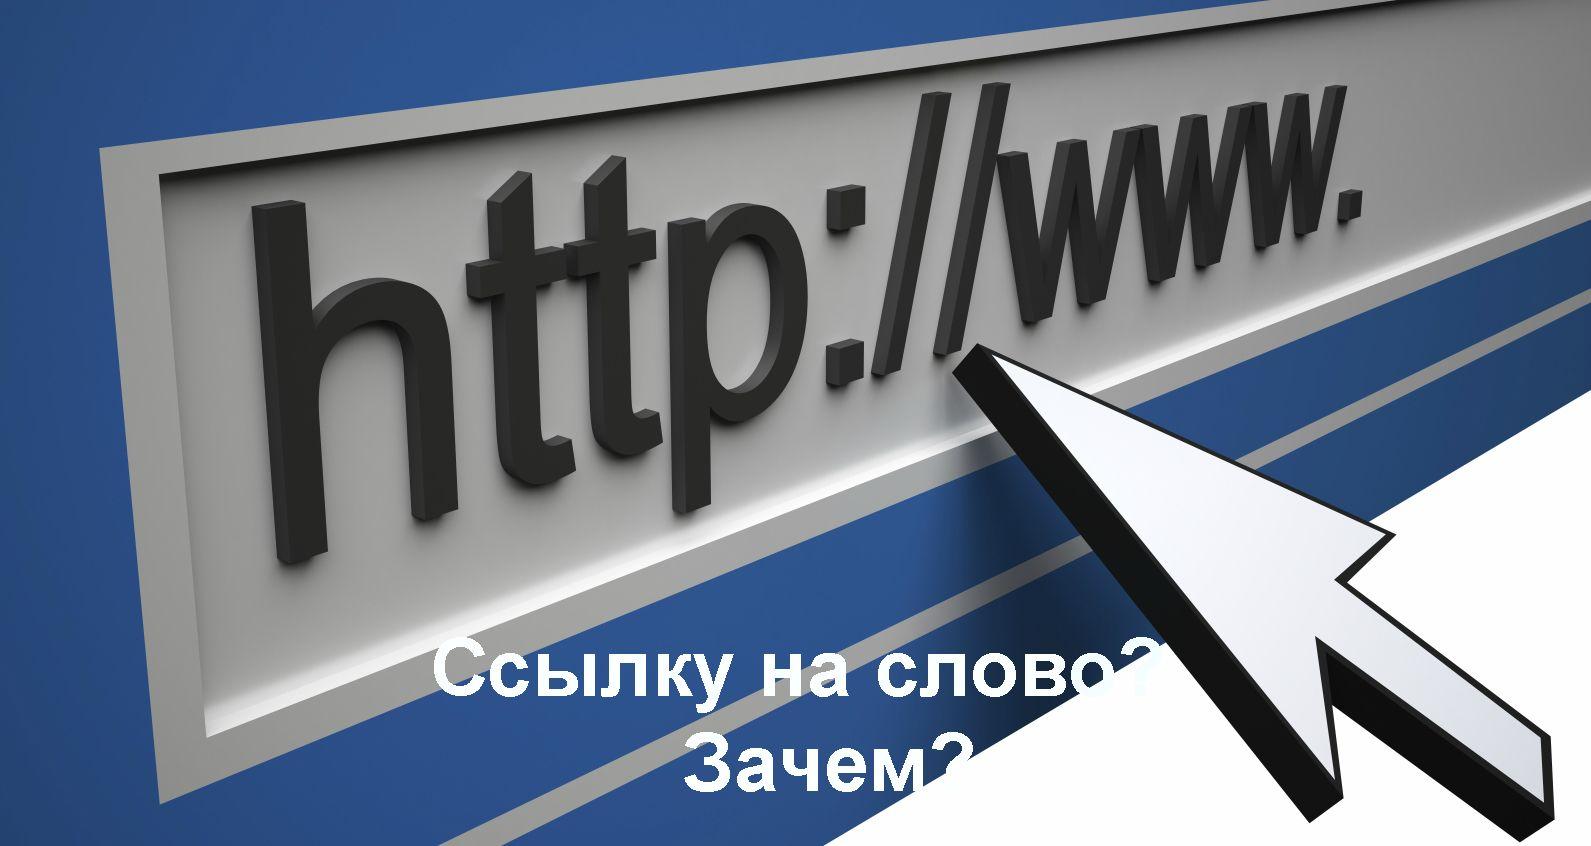 Купить ссылку на вконтакте